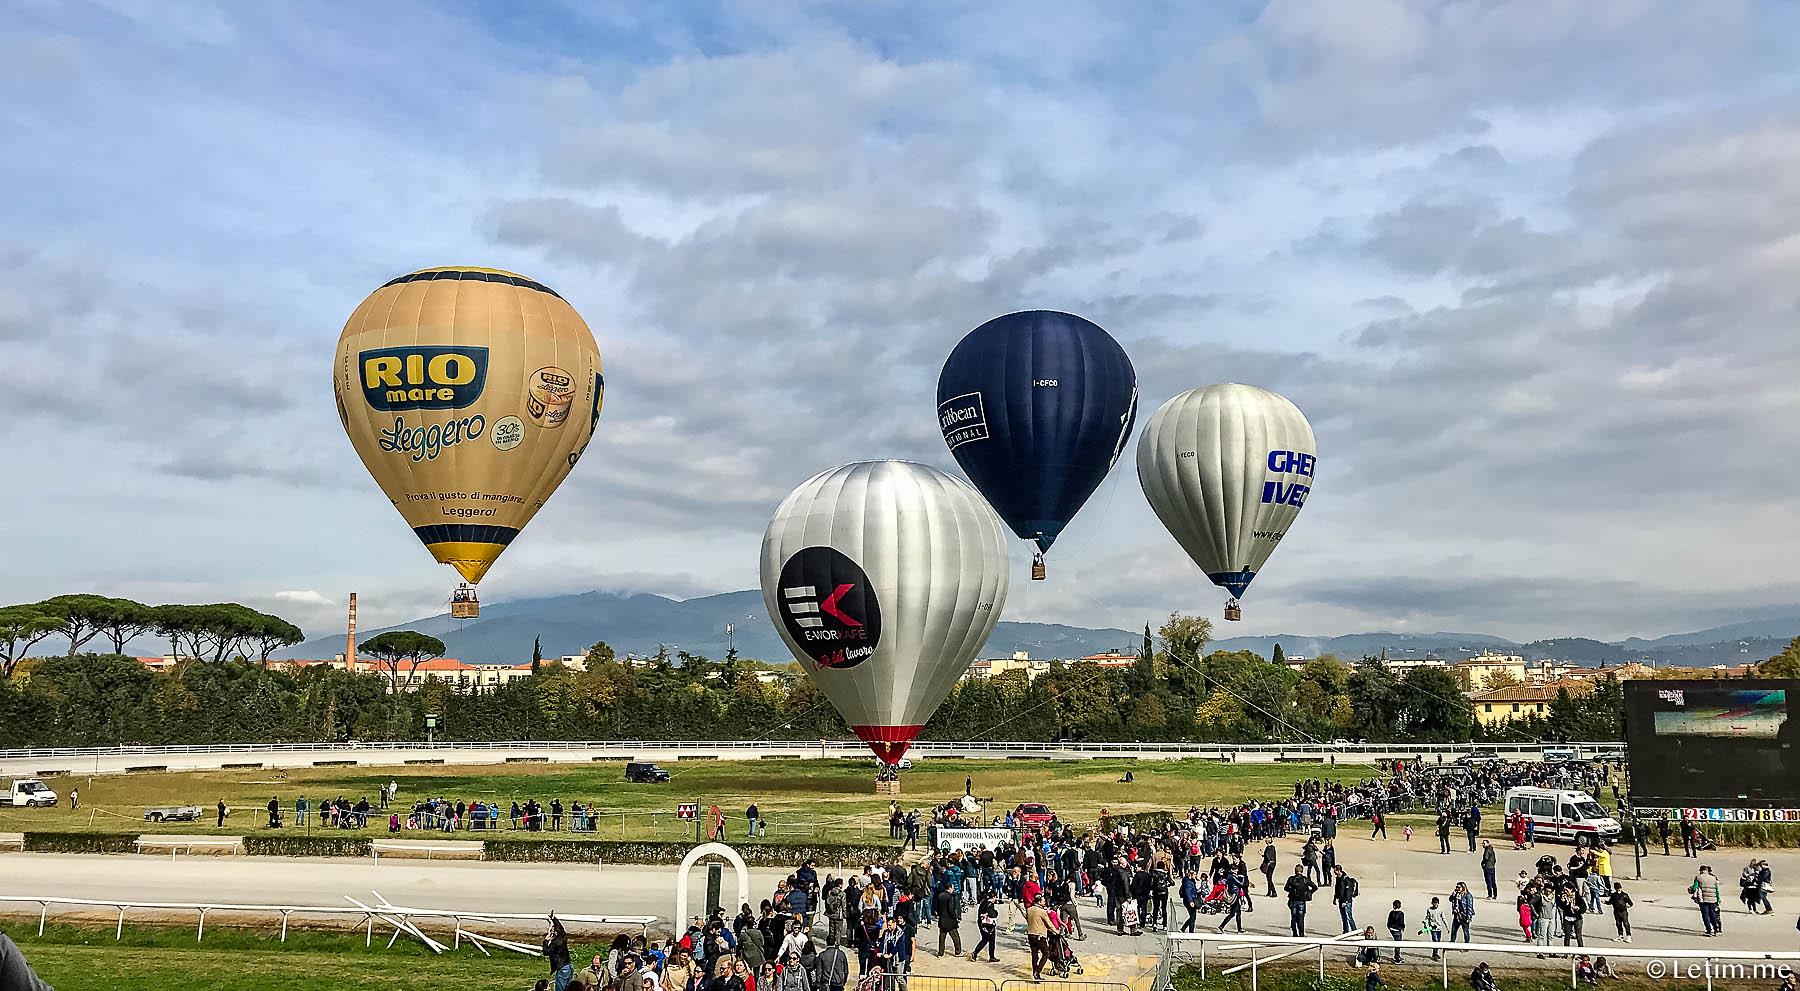 Фестиваль воздушных шаров на ипподроме в Флоренции